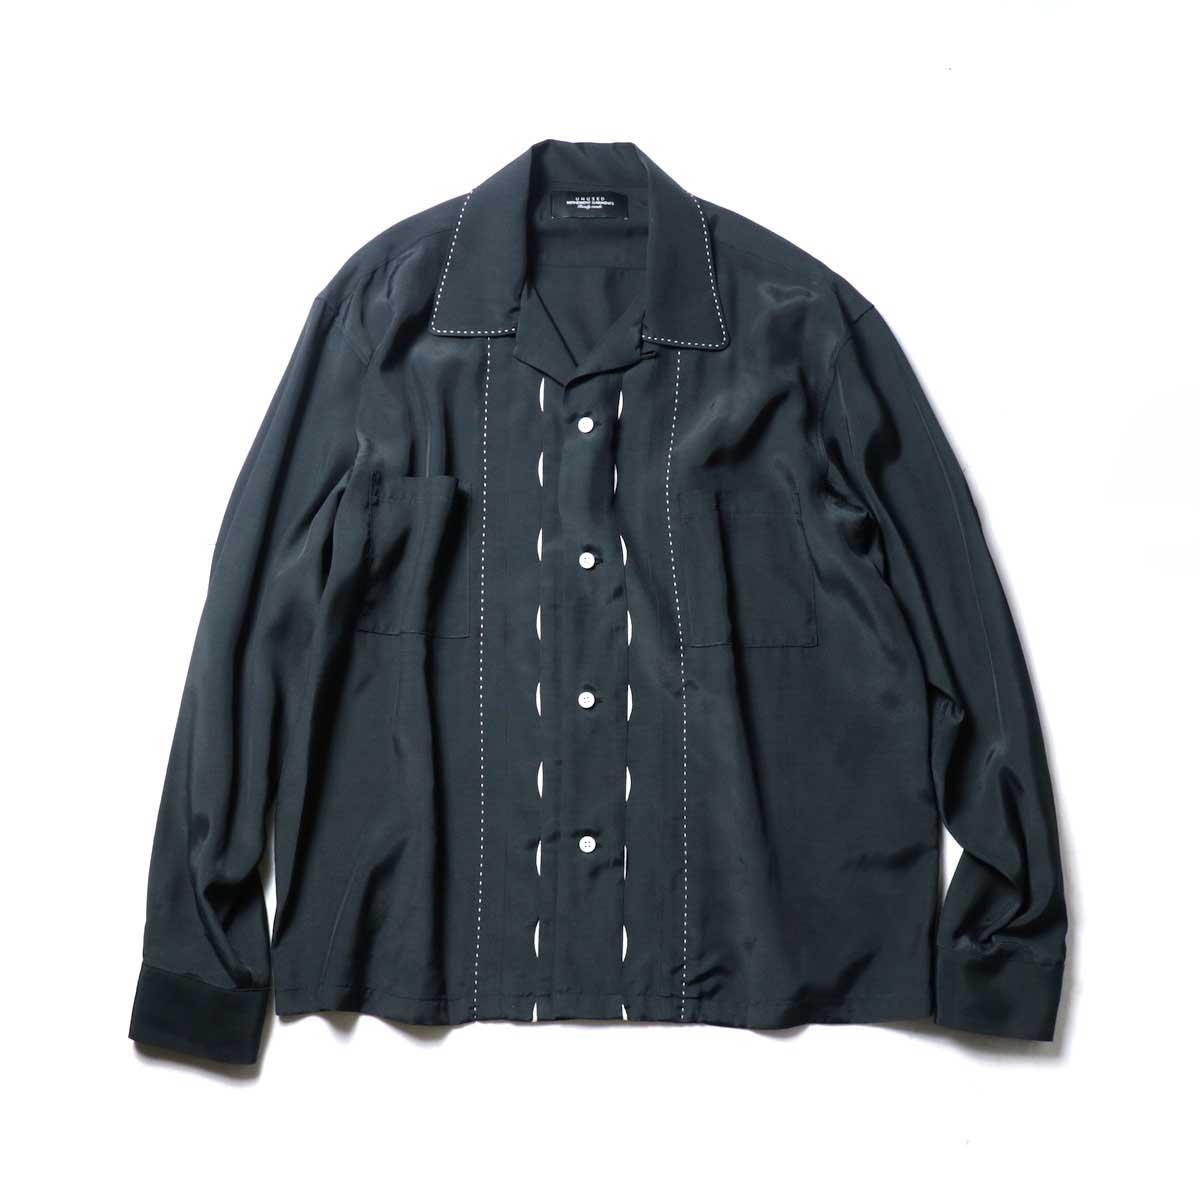 UNUSED / US1974 Rayon Shirt. (Black)